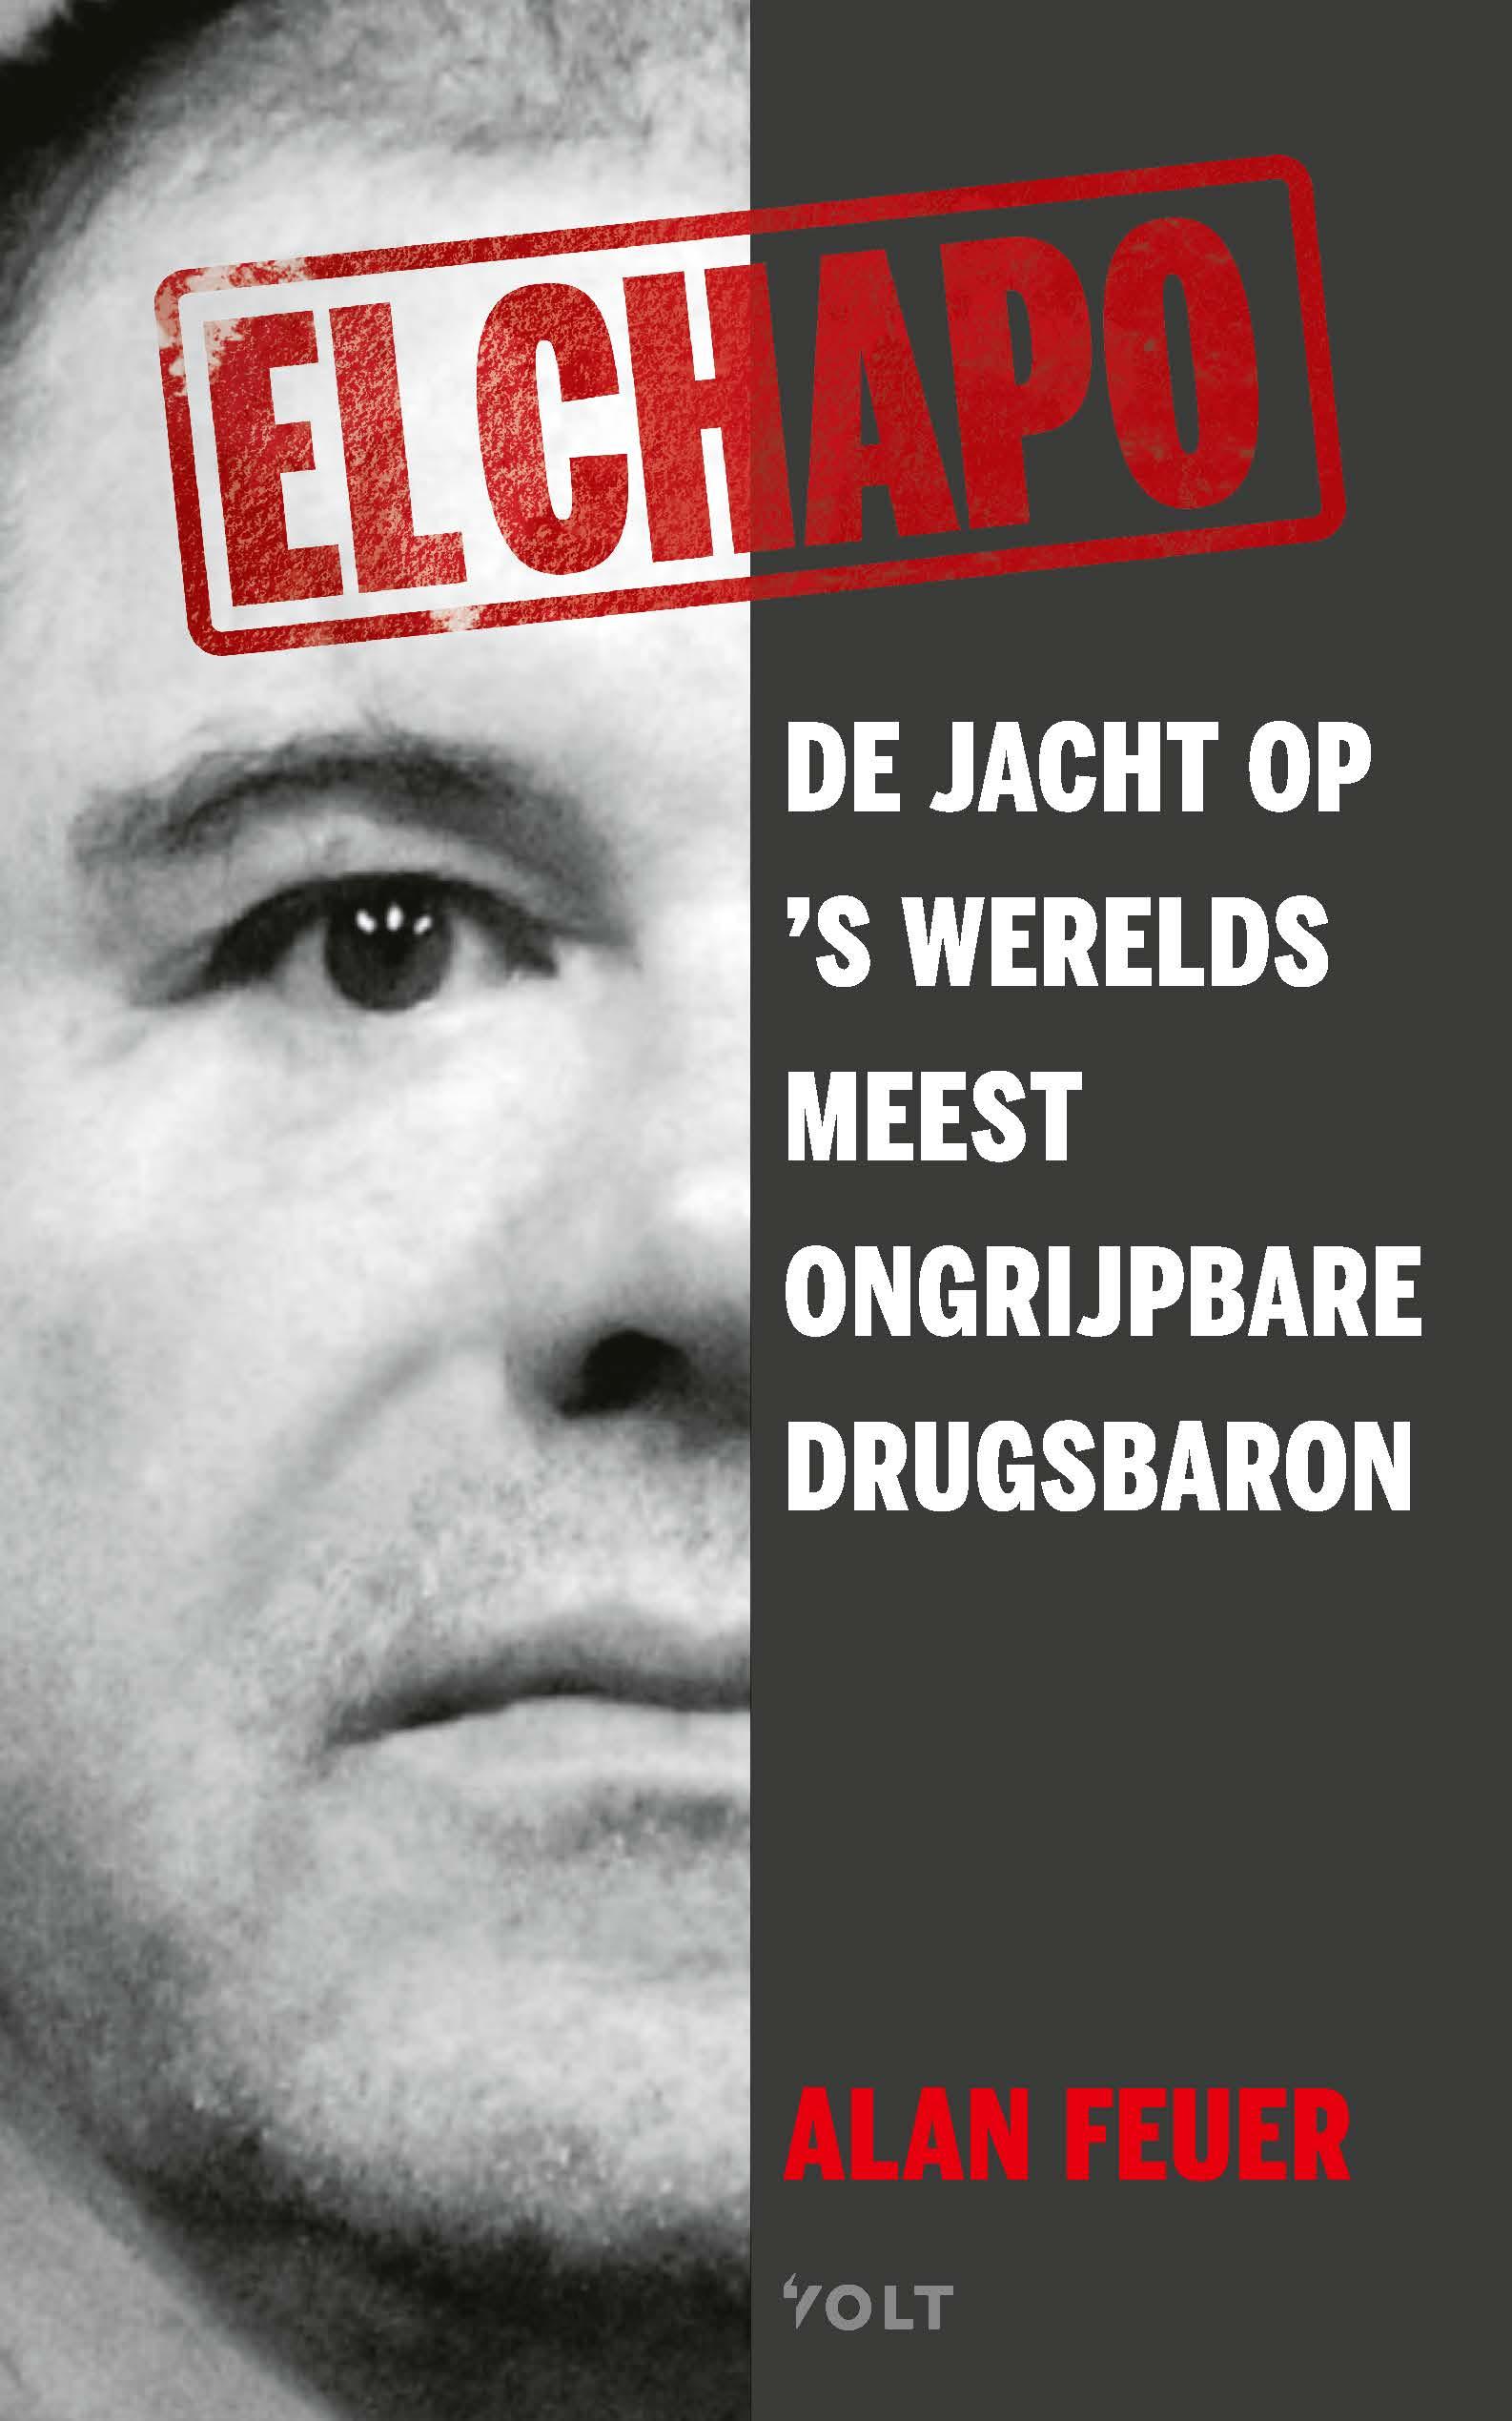 El Chapo - boekenflits